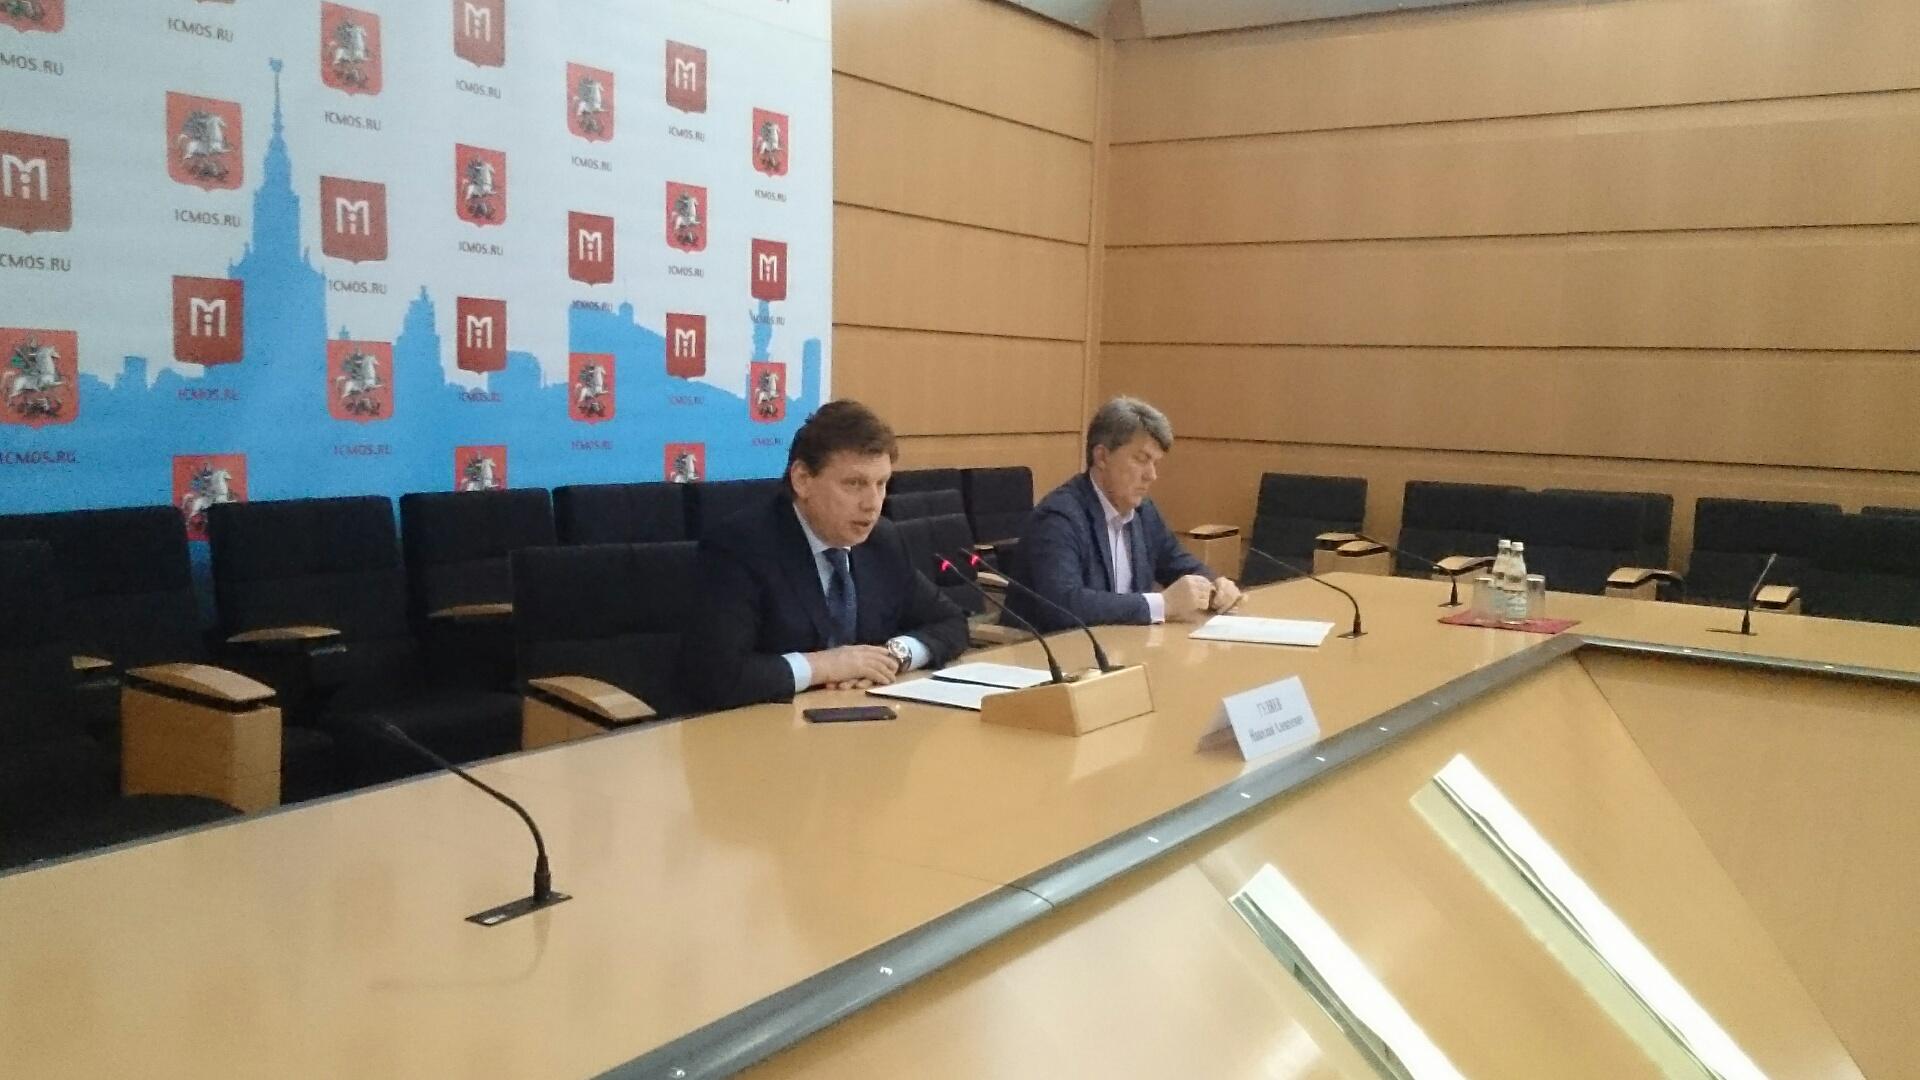 Пресс-конференция прошла в Информационном центре Правительства Москвы